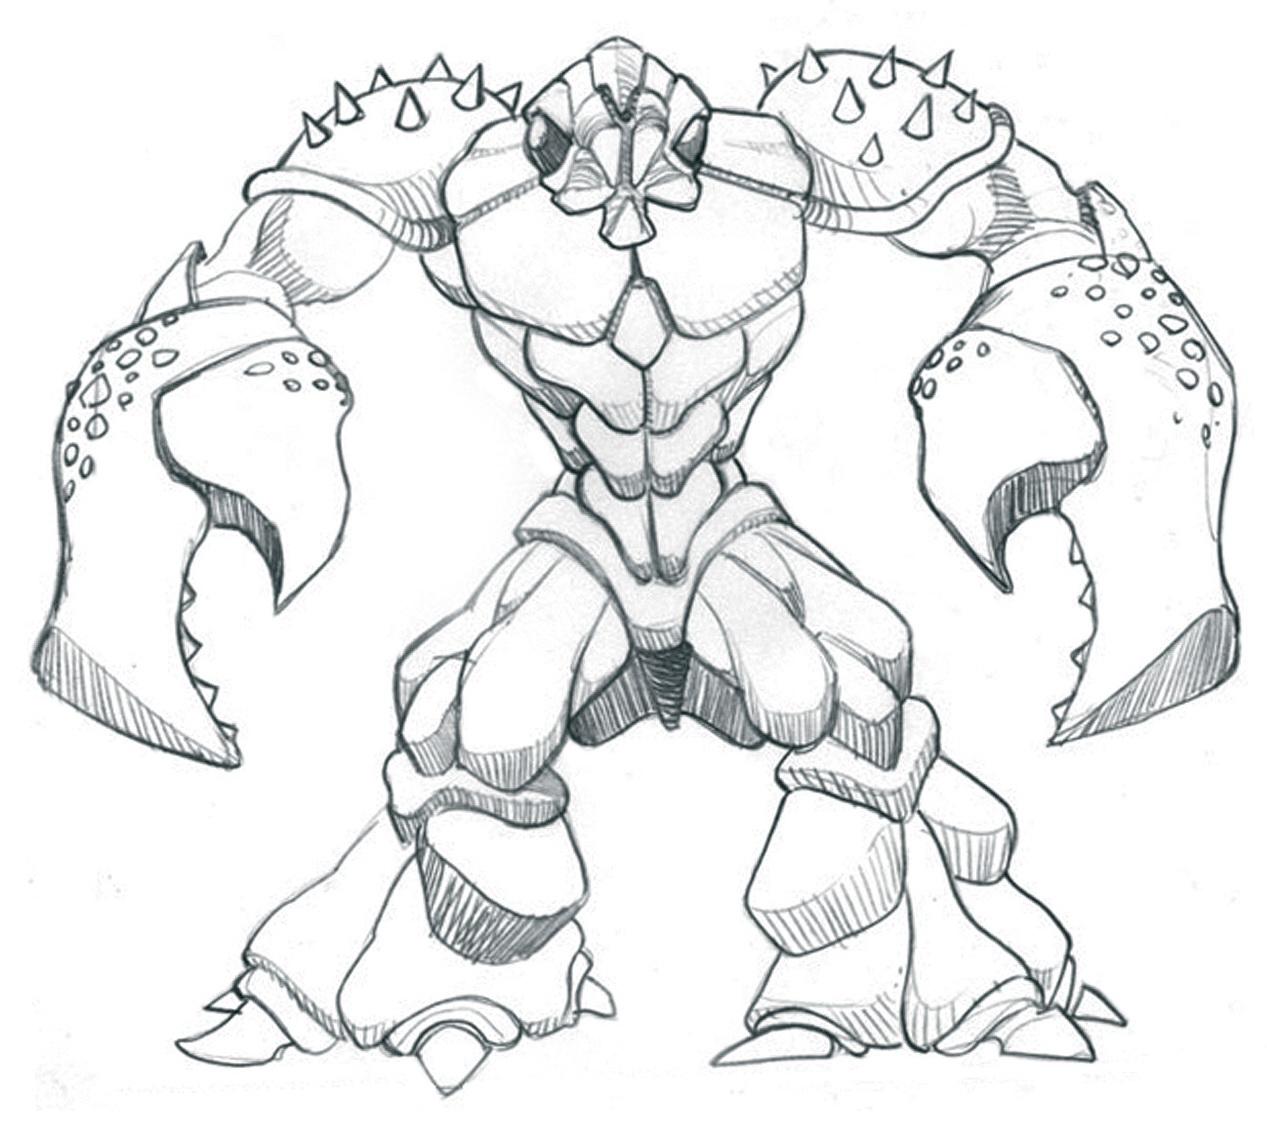 Gormiti da colorare disegni da stampare gratis for Disegni spiderman da colorare gratis